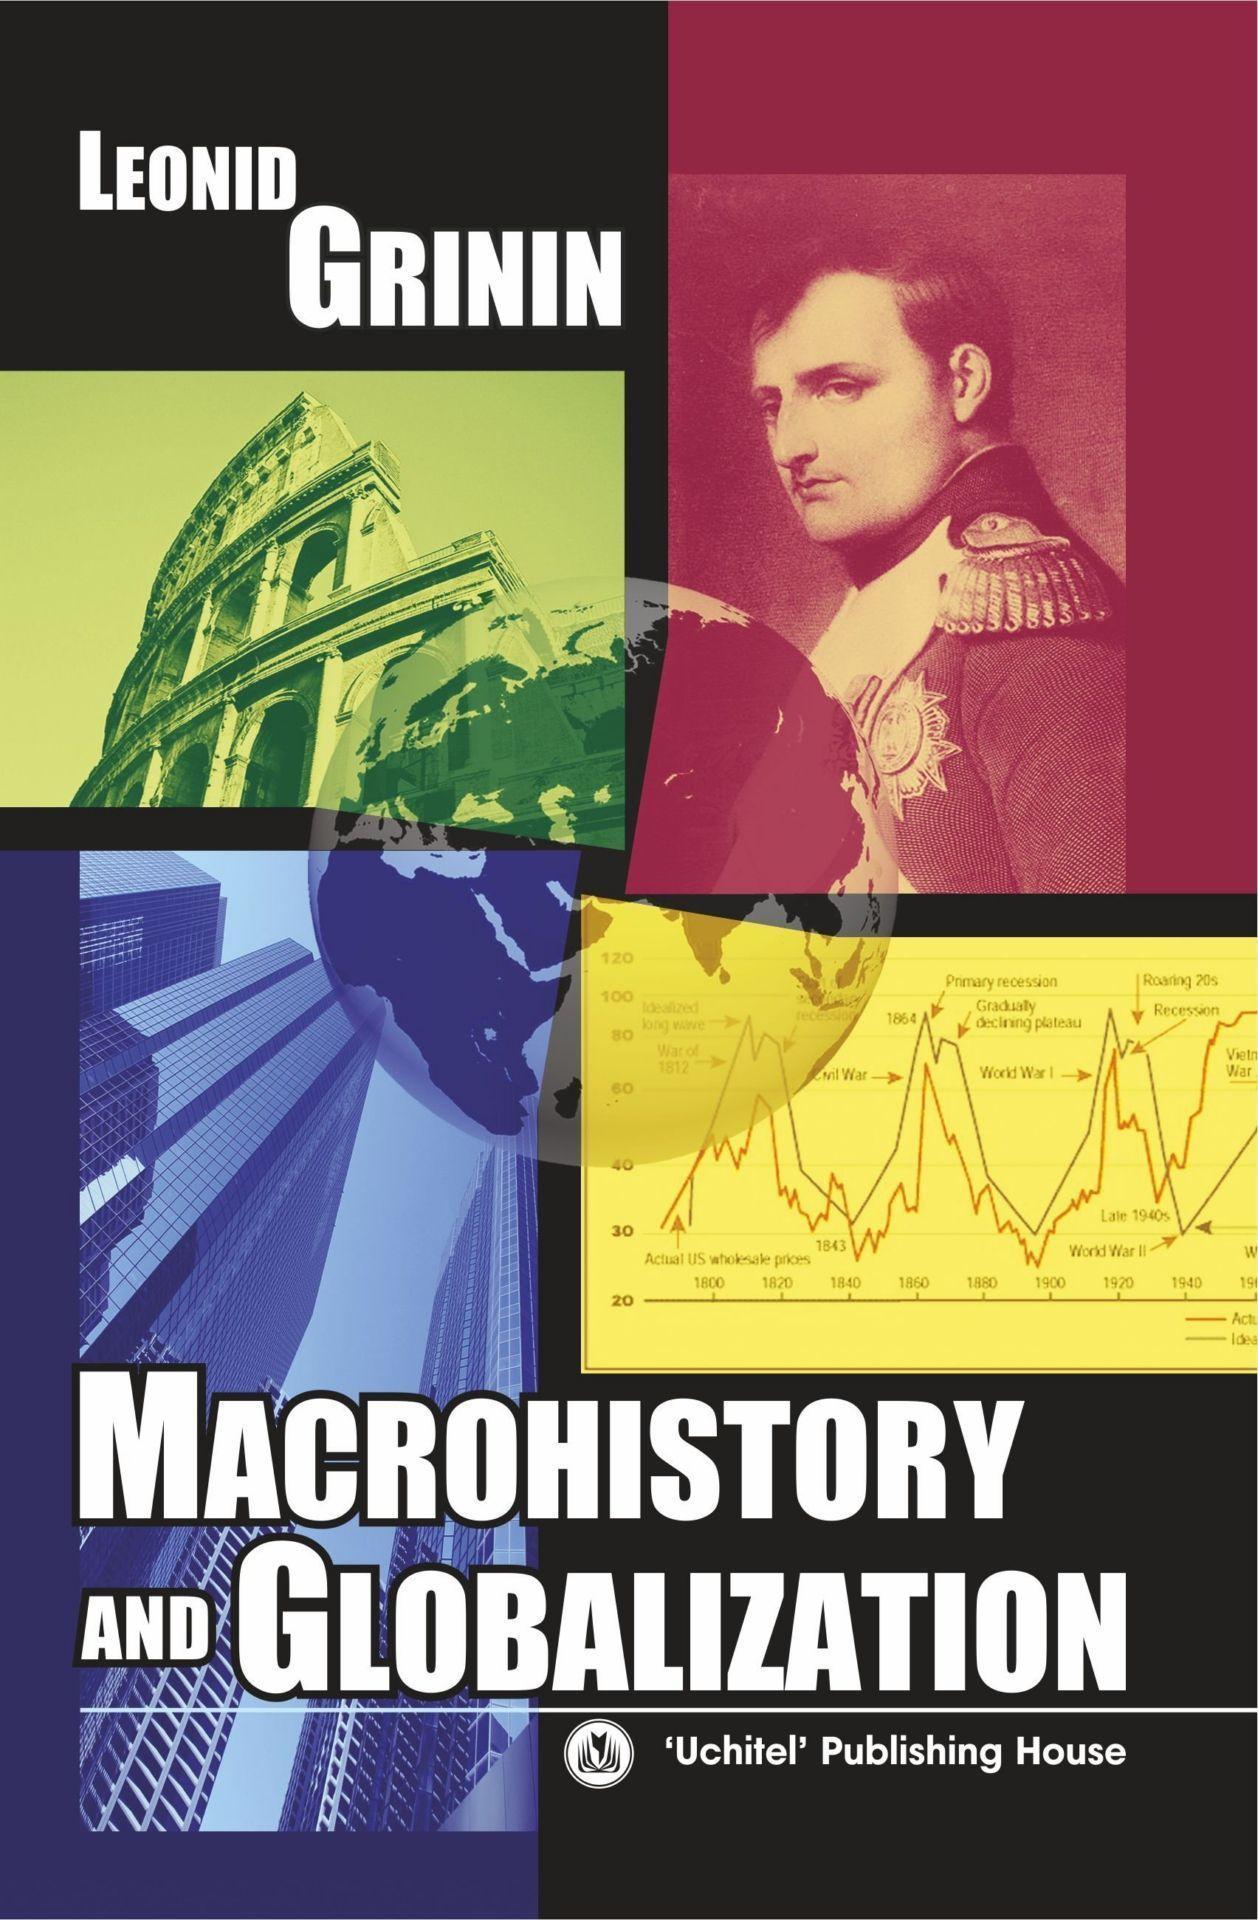 Macrohistory and GlobalizationВУЗ<br>В настоящей монографии рассматриваются некоторые макроисторические тенденции и аспекты глобализации. Мегаистория – это «крупномасштабная» история, повествующая об истории всего мира или главных аспектах исторического процесса. В данном исследовании анализ...<br><br>Авторы: Grinin Leonid<br>Год: 2011<br>Серия: Для студентов и преподавателей<br>ISBN: 978-5-7057-3007-0<br>Высота: 210<br>Ширина: 140<br>Толщина: 14<br>Переплёт: мягкая, склейка